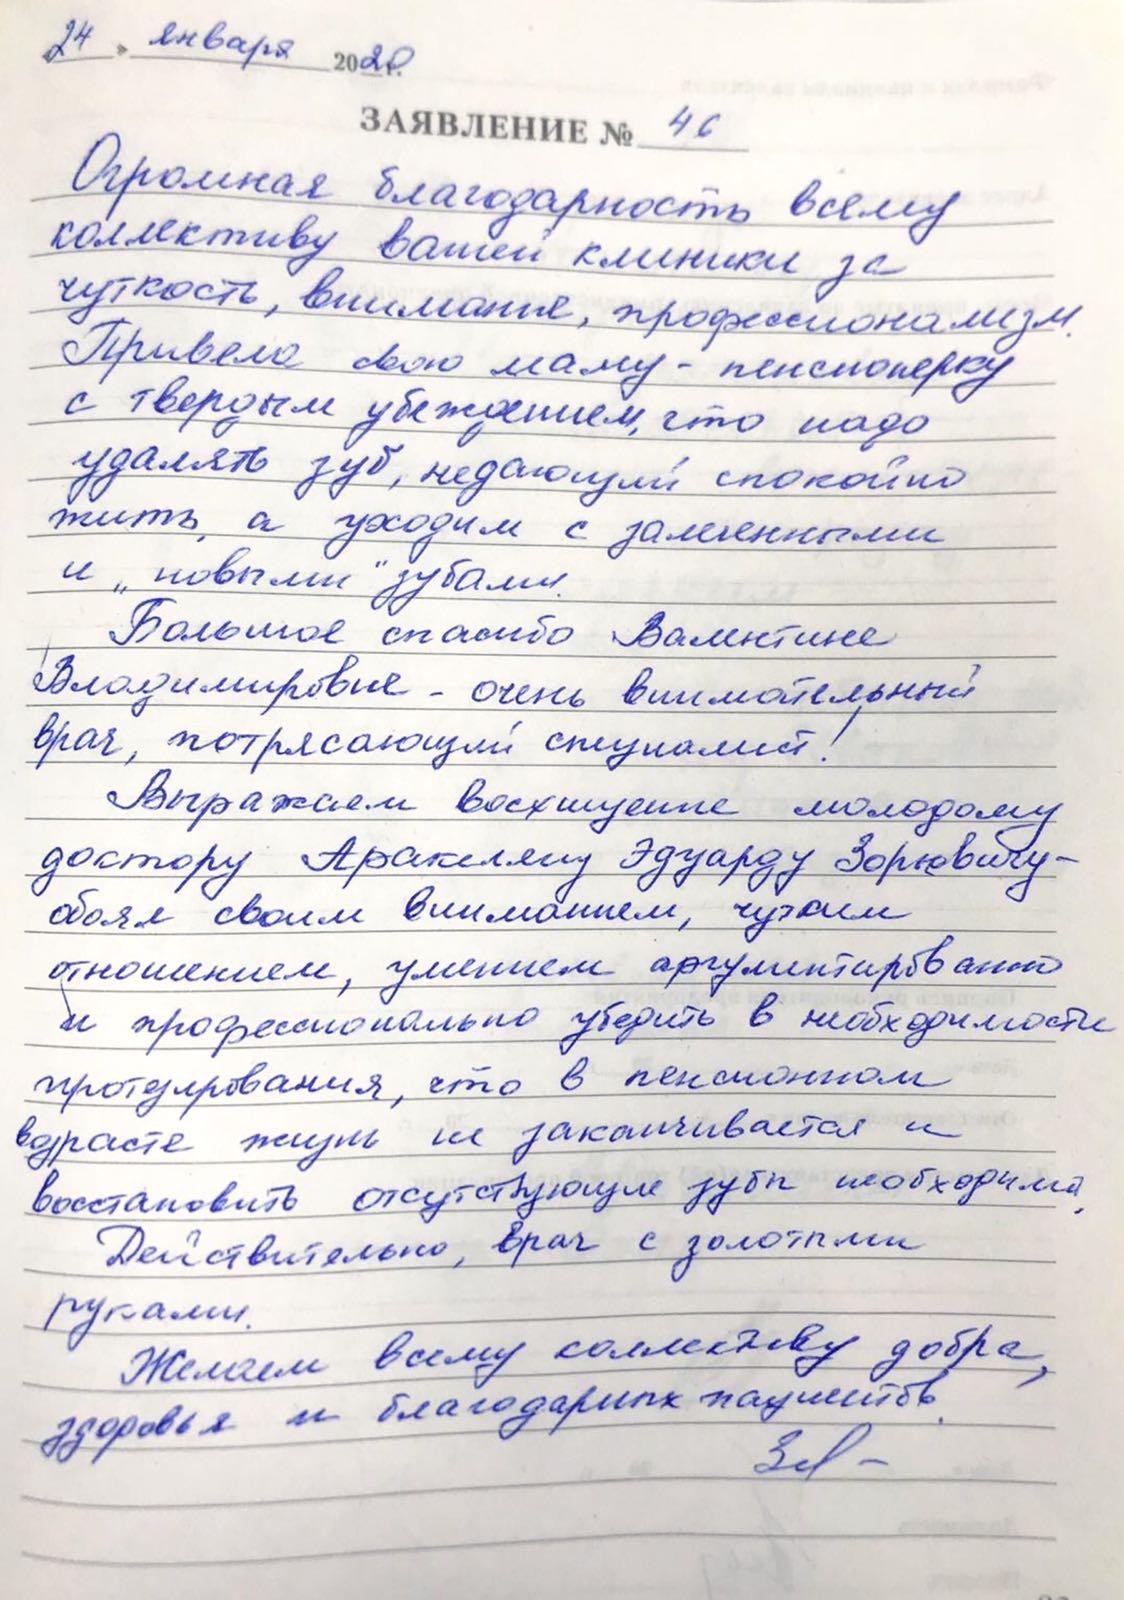 <em>Редактировать Отзыв</em> Лидия Юрьевна. Стоматология Фларт